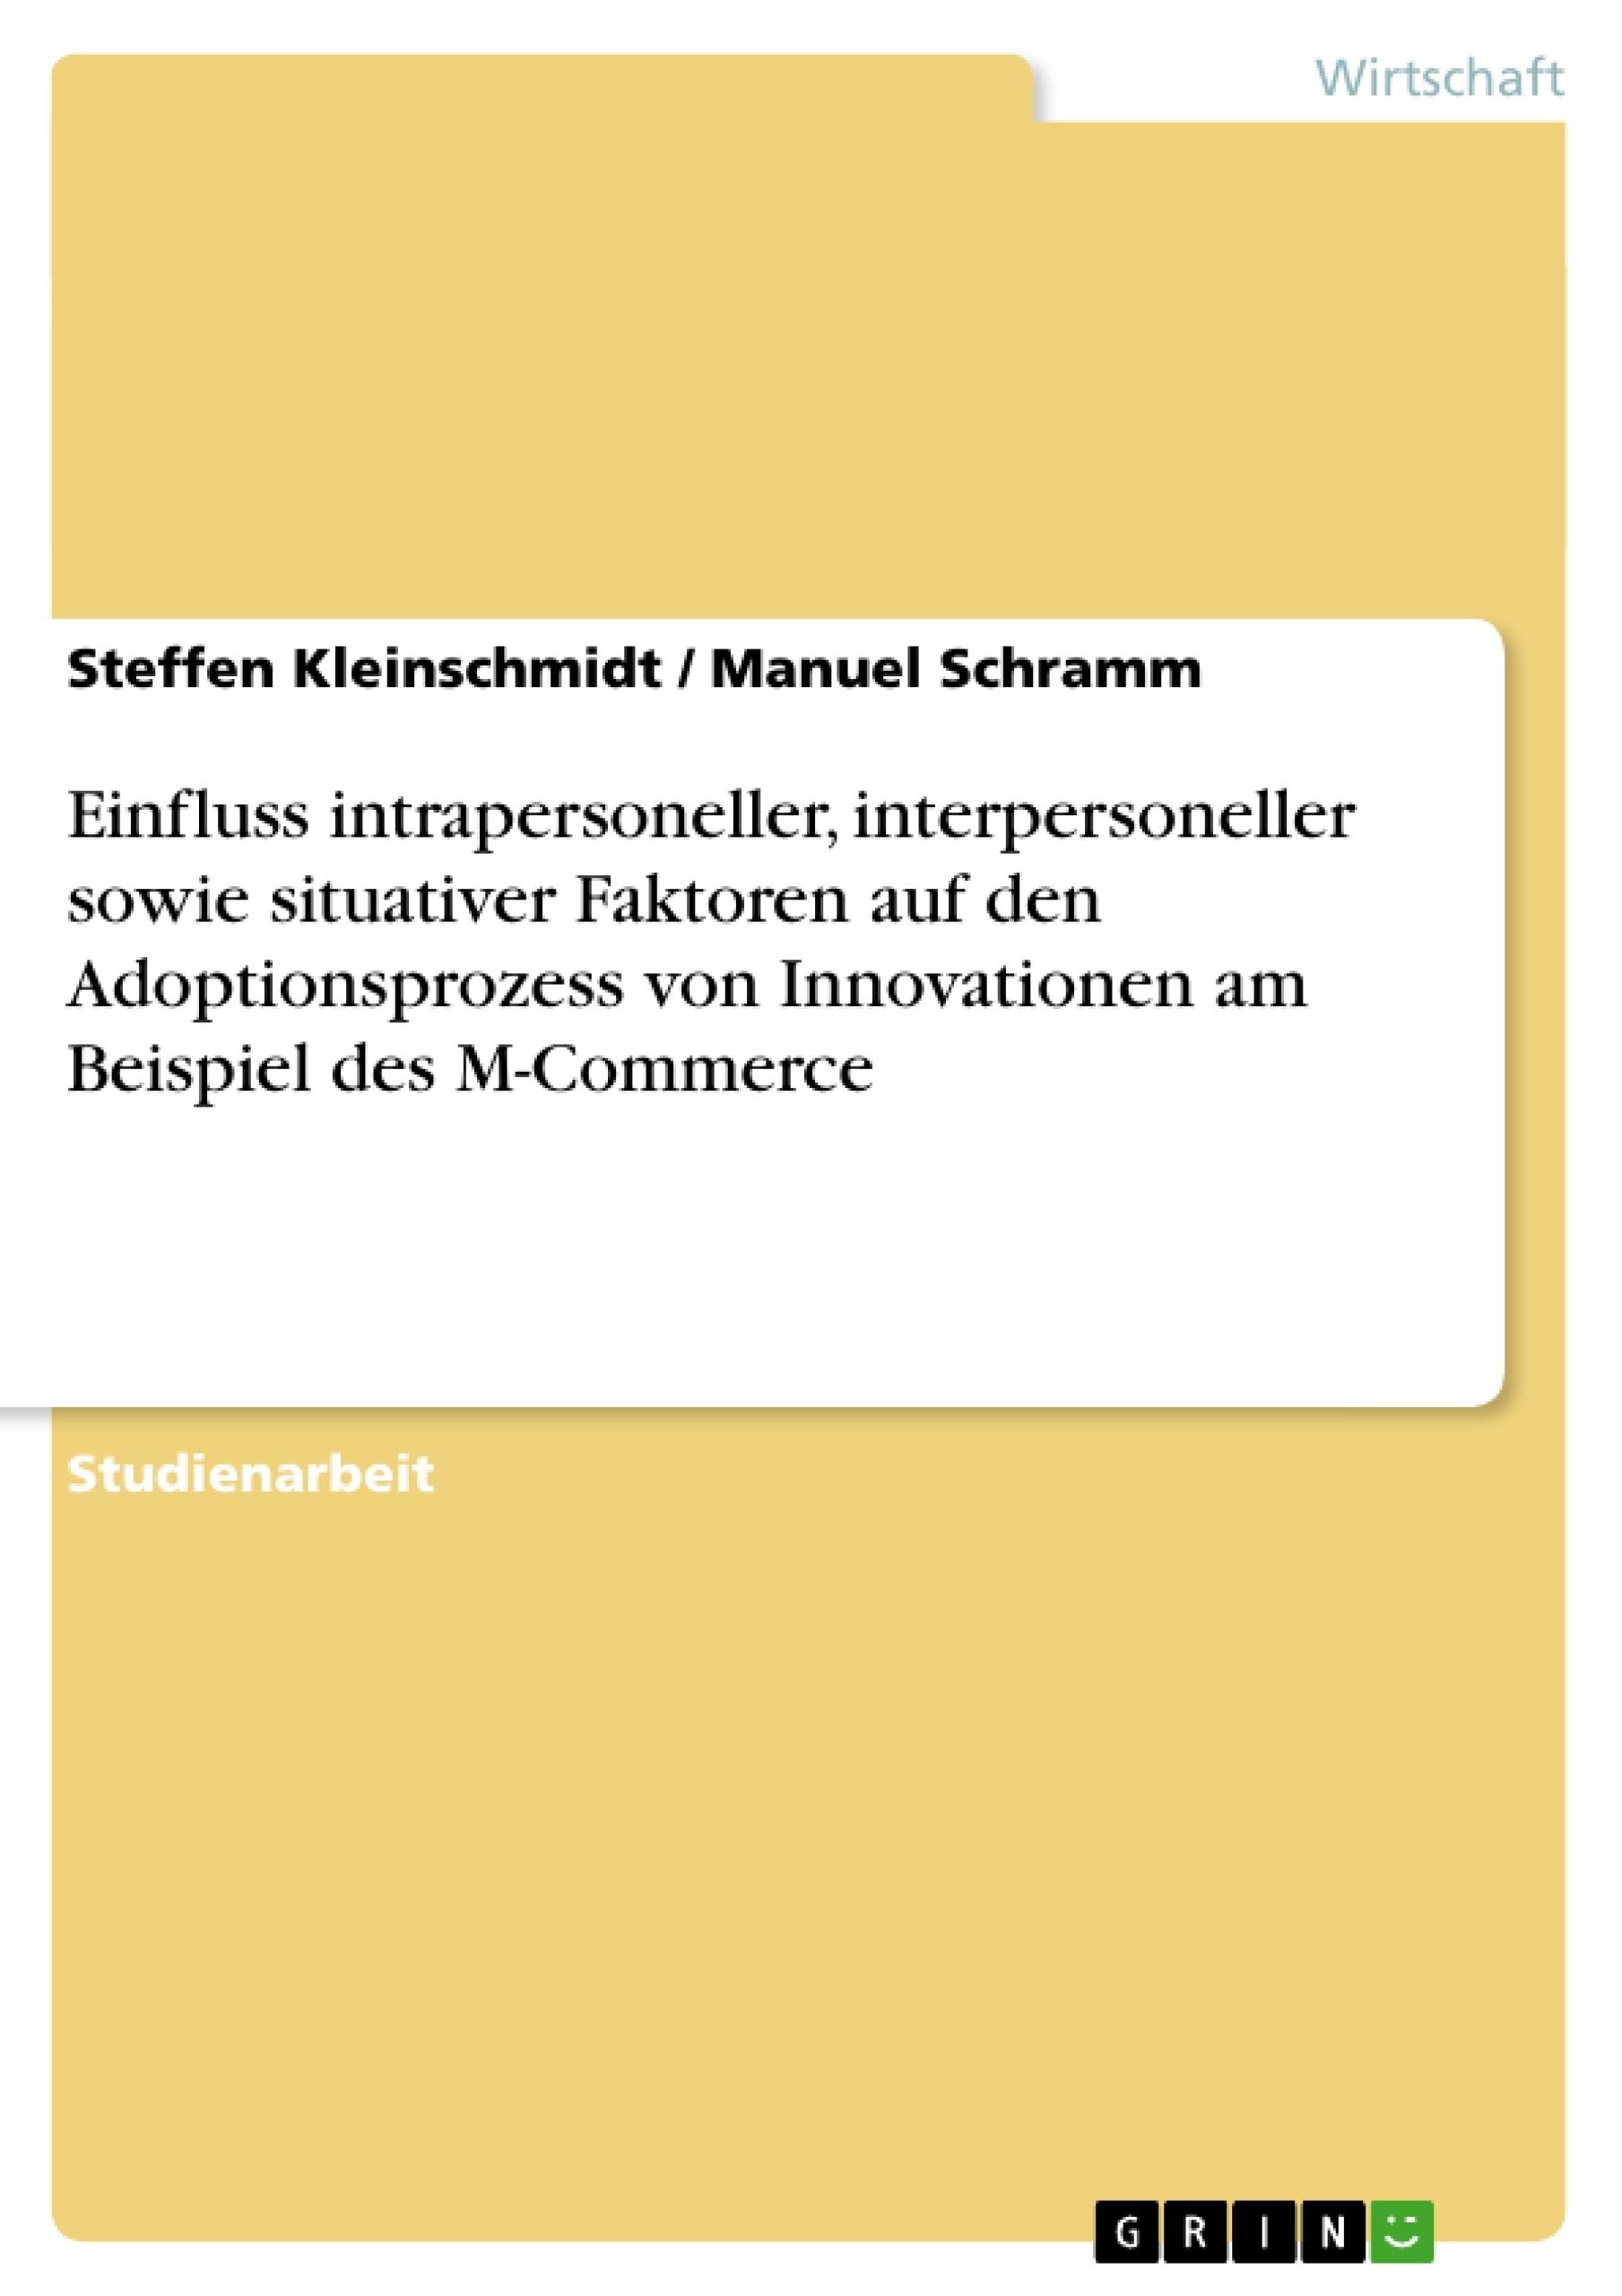 Titel: Einfluss intrapersoneller, interpersoneller sowie situativer Faktoren auf den Adoptionsprozess von Innovationen am Beispiel des M-Commerce